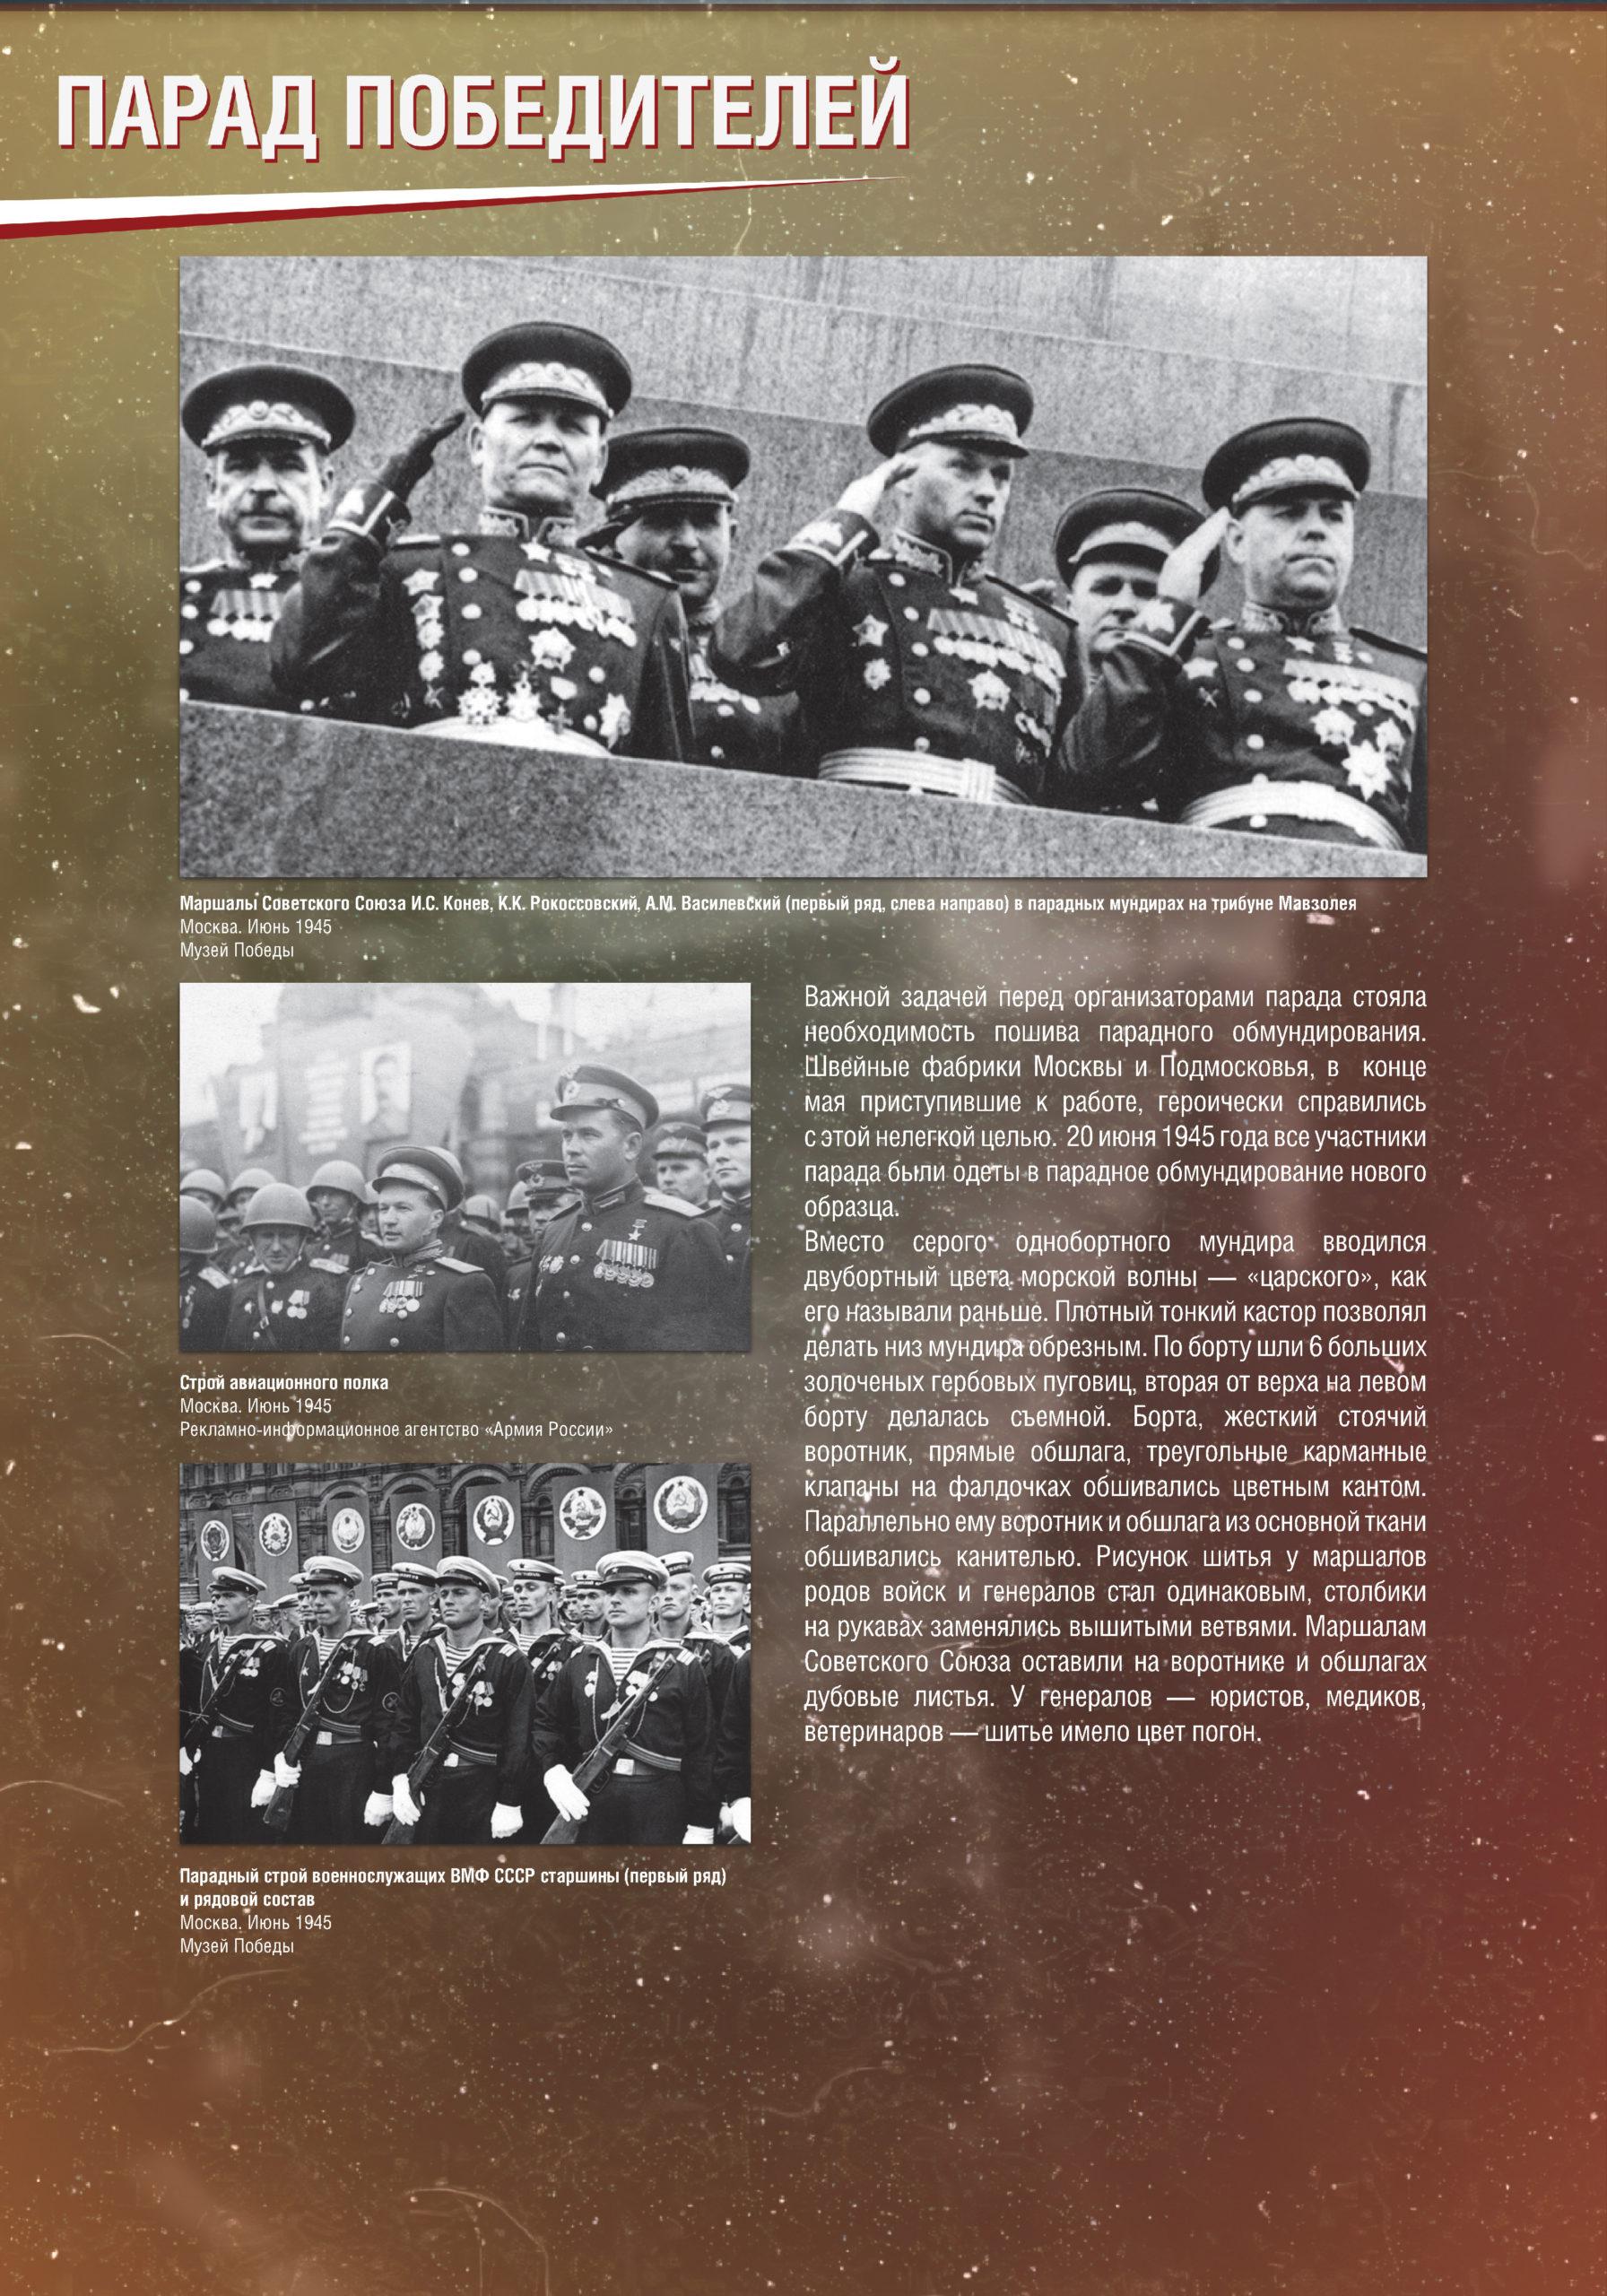 parad_pobediteley_1906_Page13